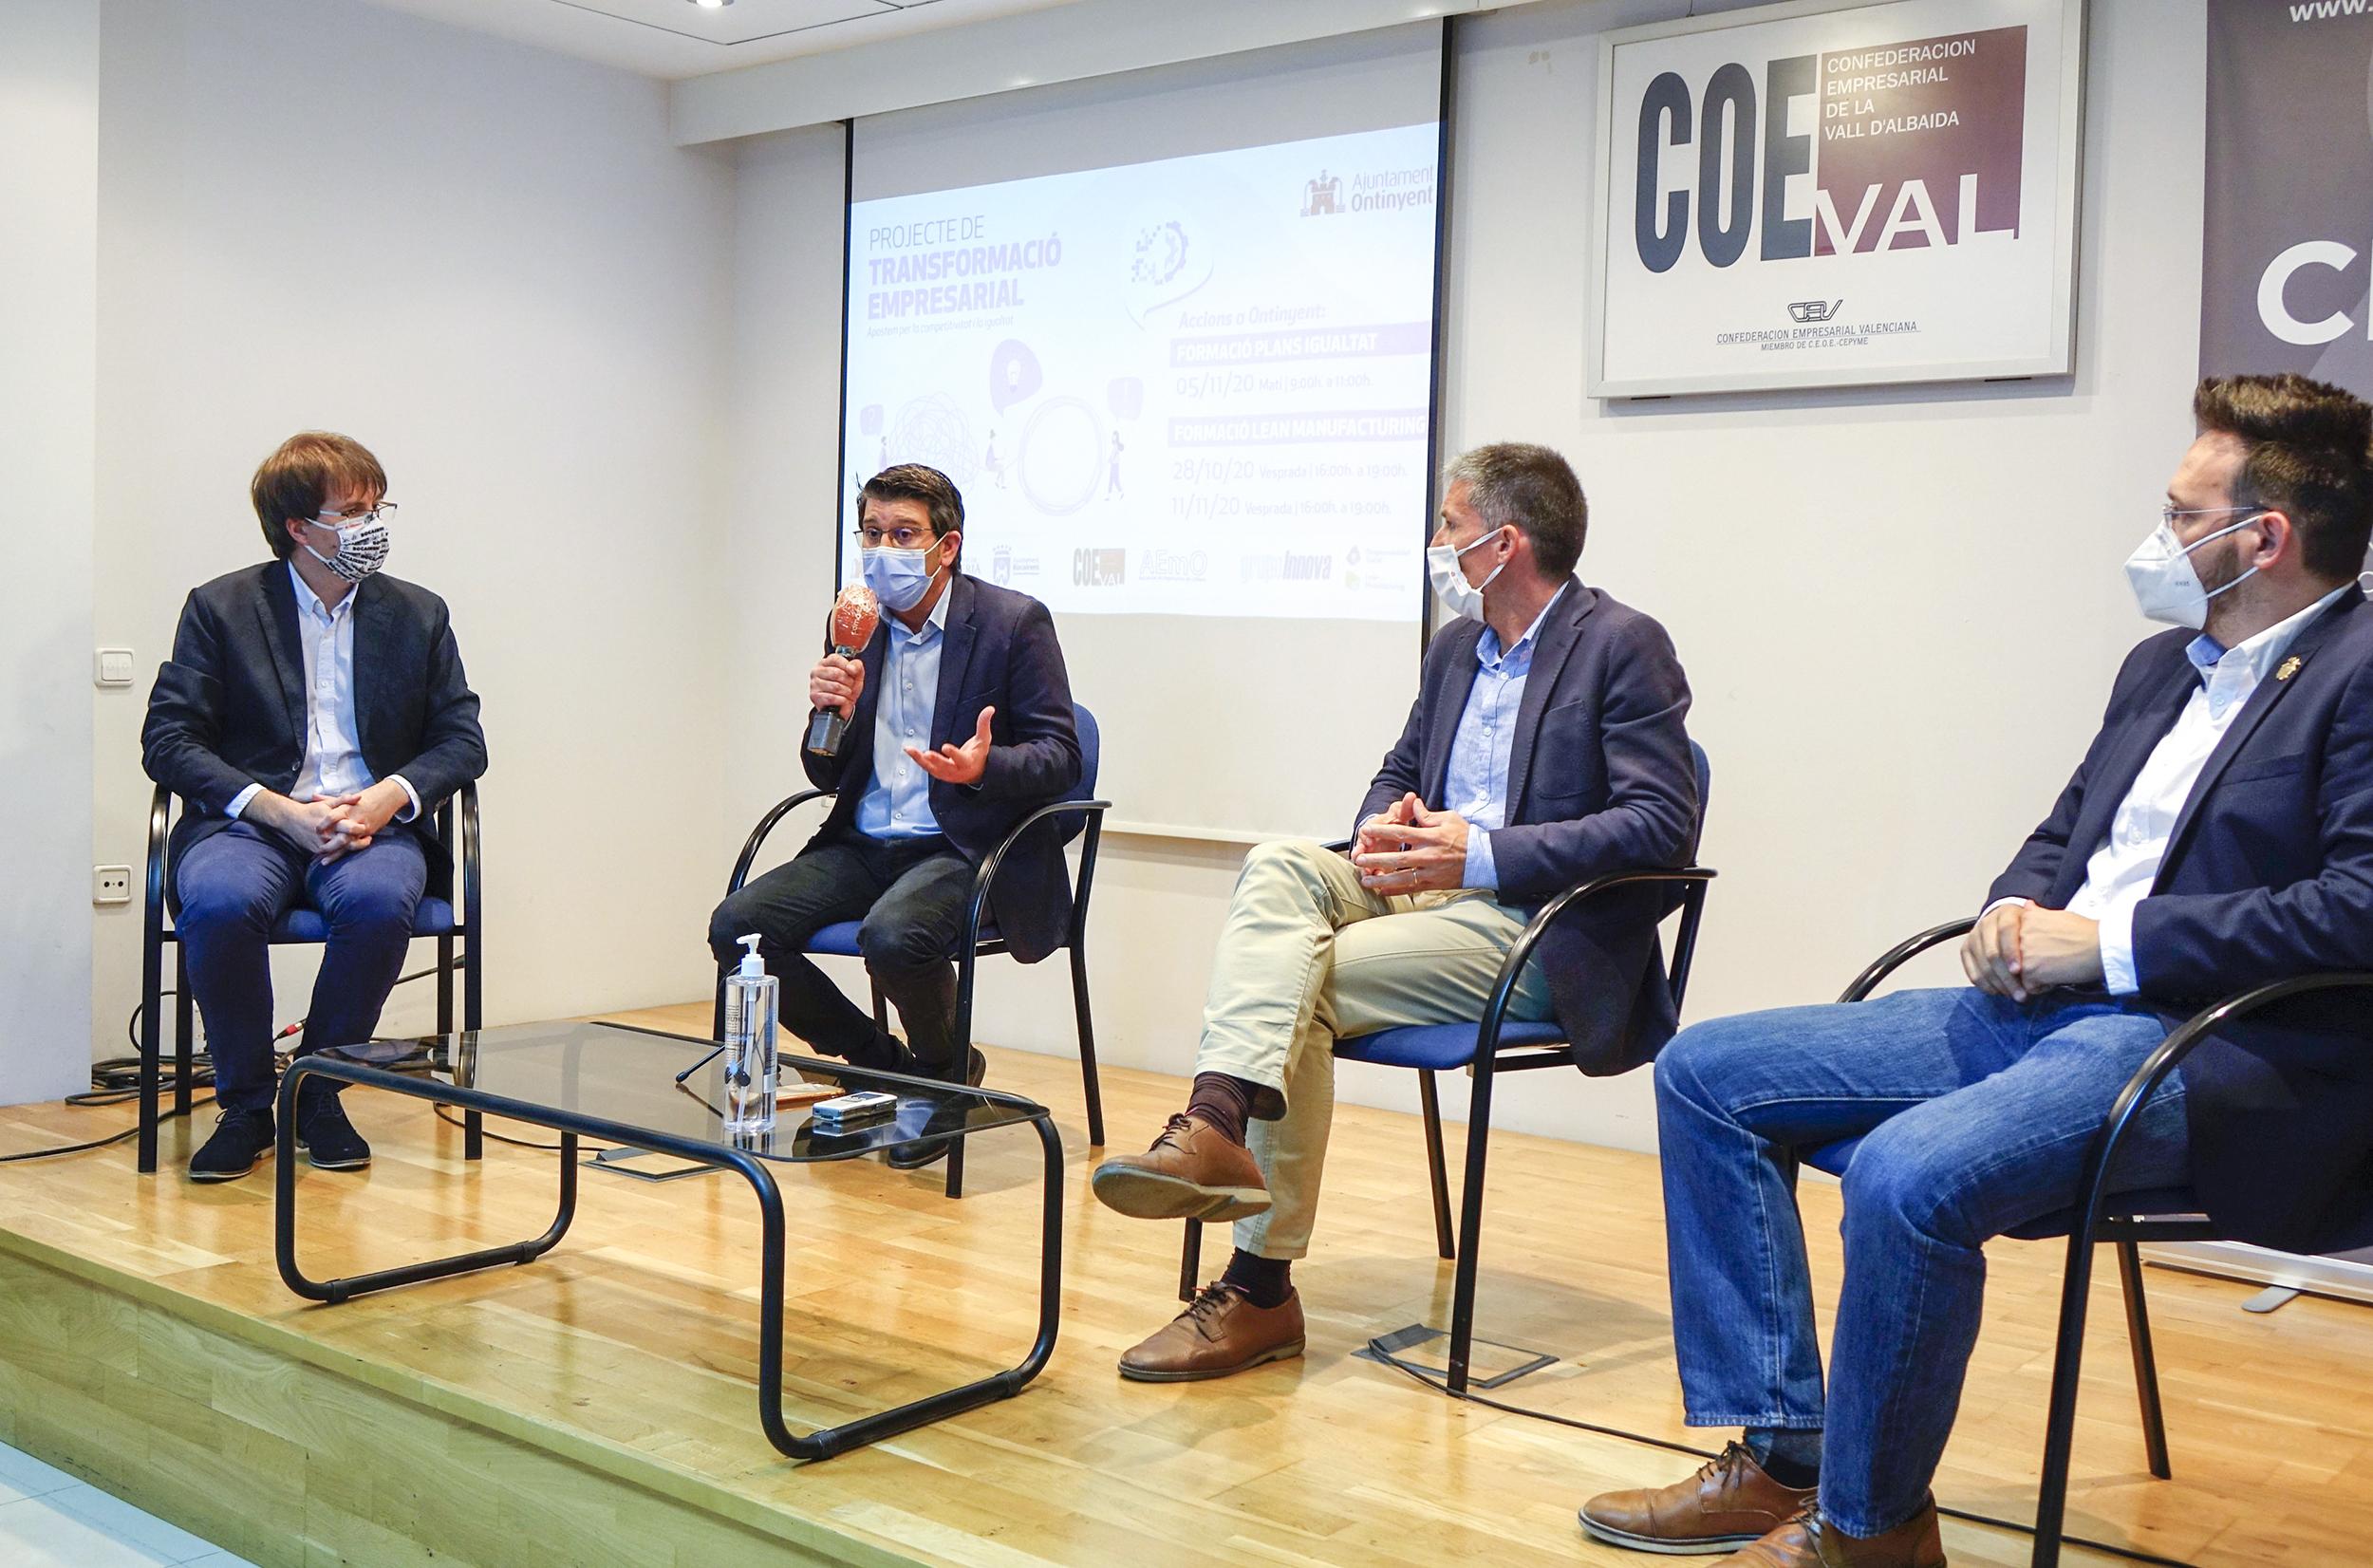 Ontinyent, l'Olleria i Bocairent treballen per a impulsar la competitivitat empresarial El Periòdic d'Ontinyent - Noticies a Ontinyent